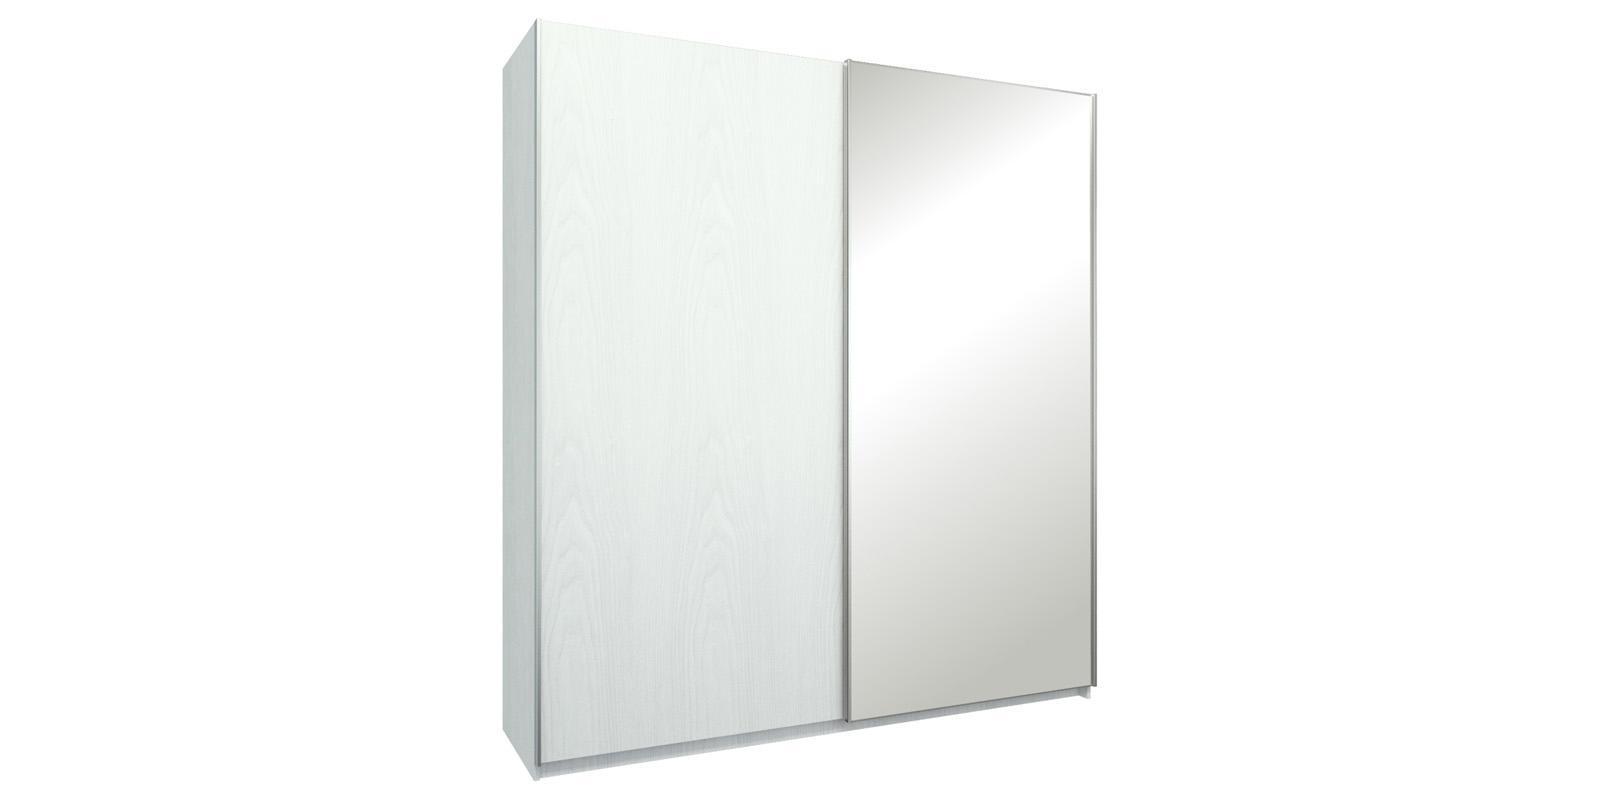 Шкаф-купе двухдверный Лофт 215 см (белый/зеркало)